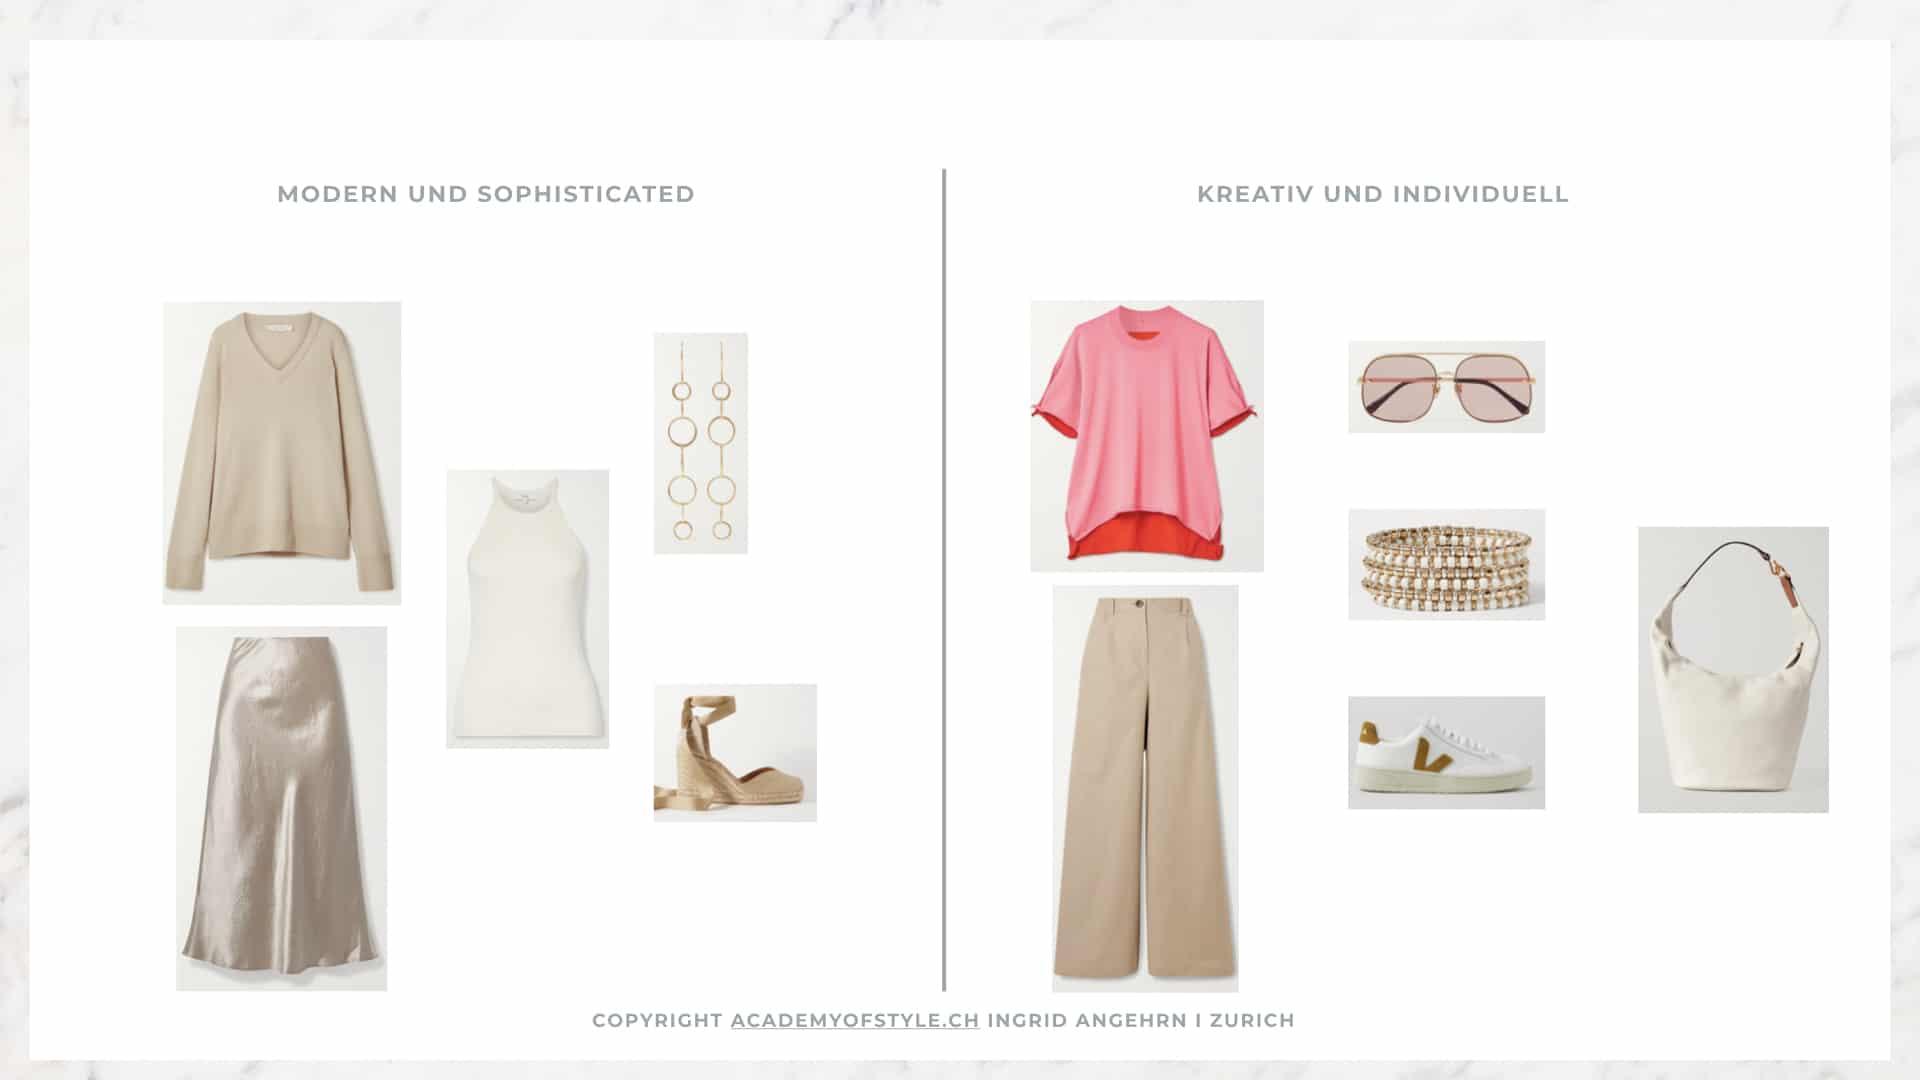 Kleidungsstücke in beige und pink kombinieren